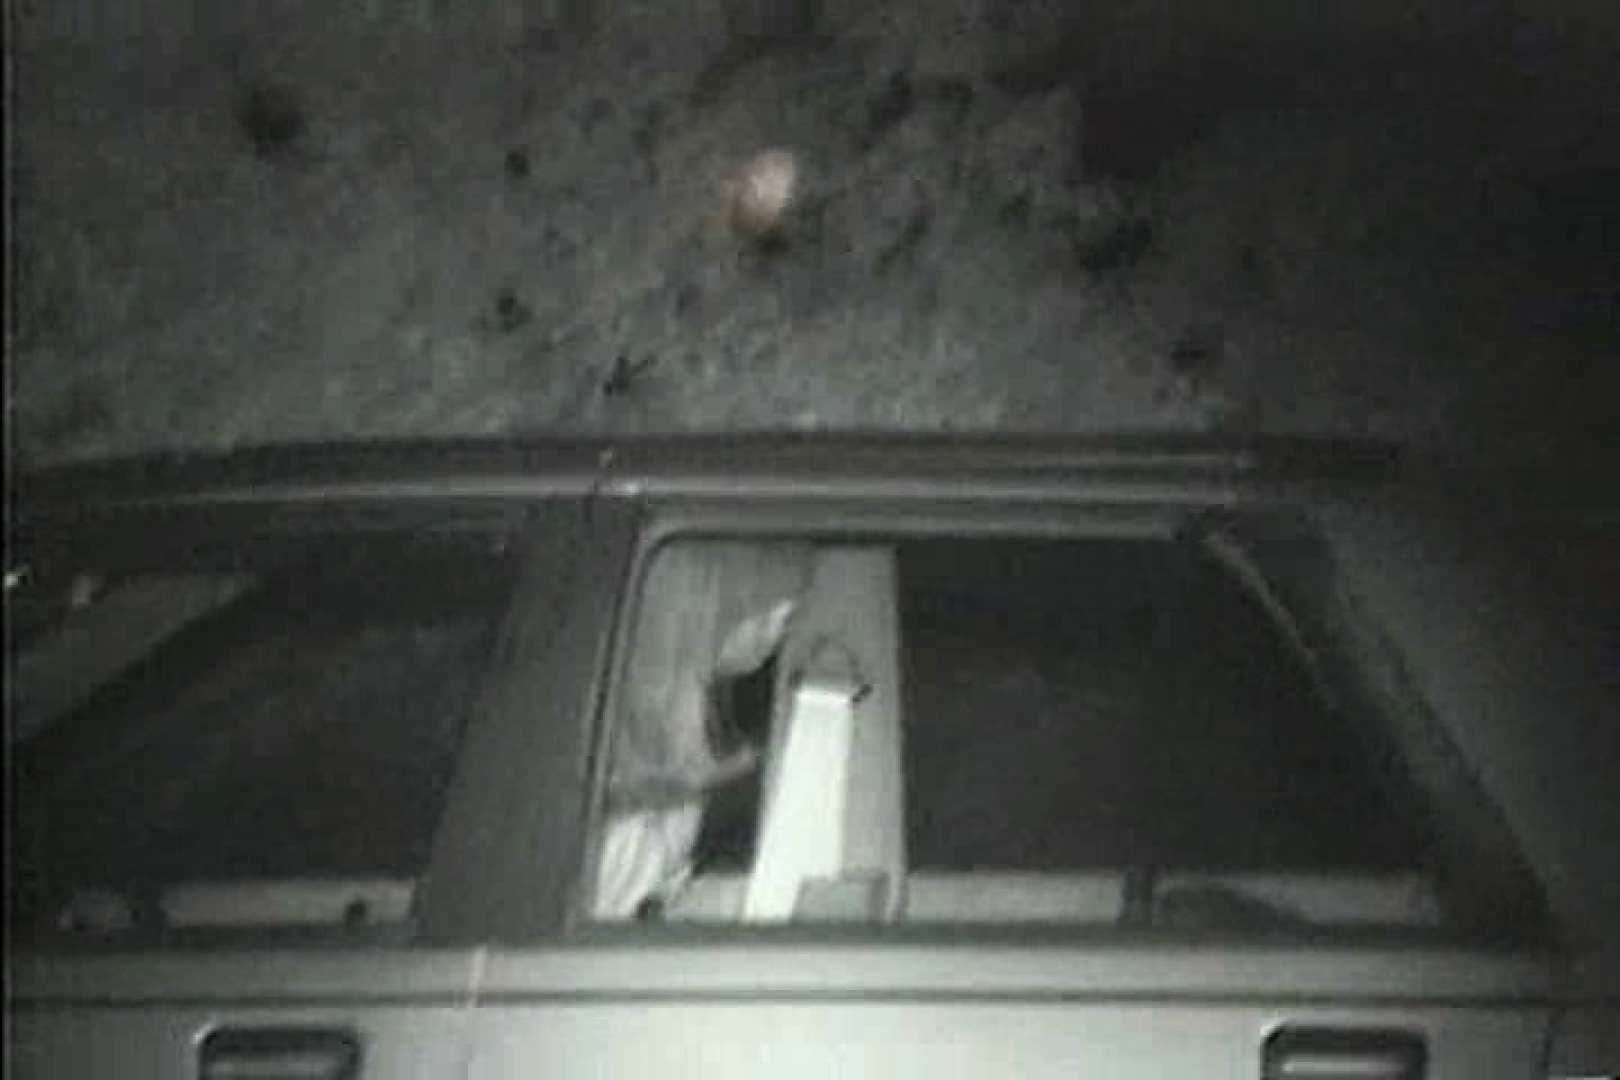 車の中はラブホテル 無修正版  Vol.9 ホテル | 車の中のカップル  60画像 31